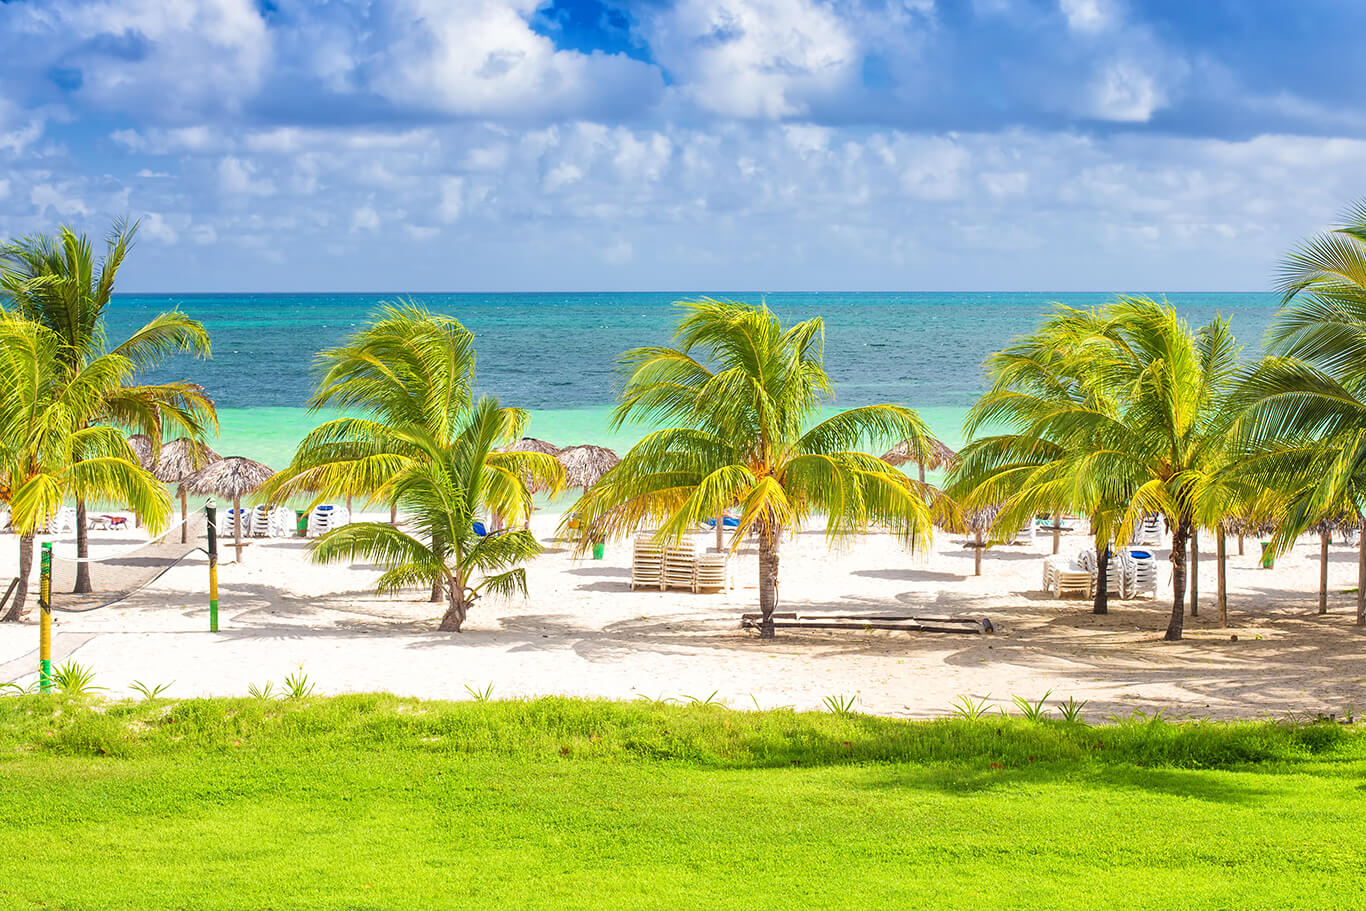 Hotel All Inclusive Cuba